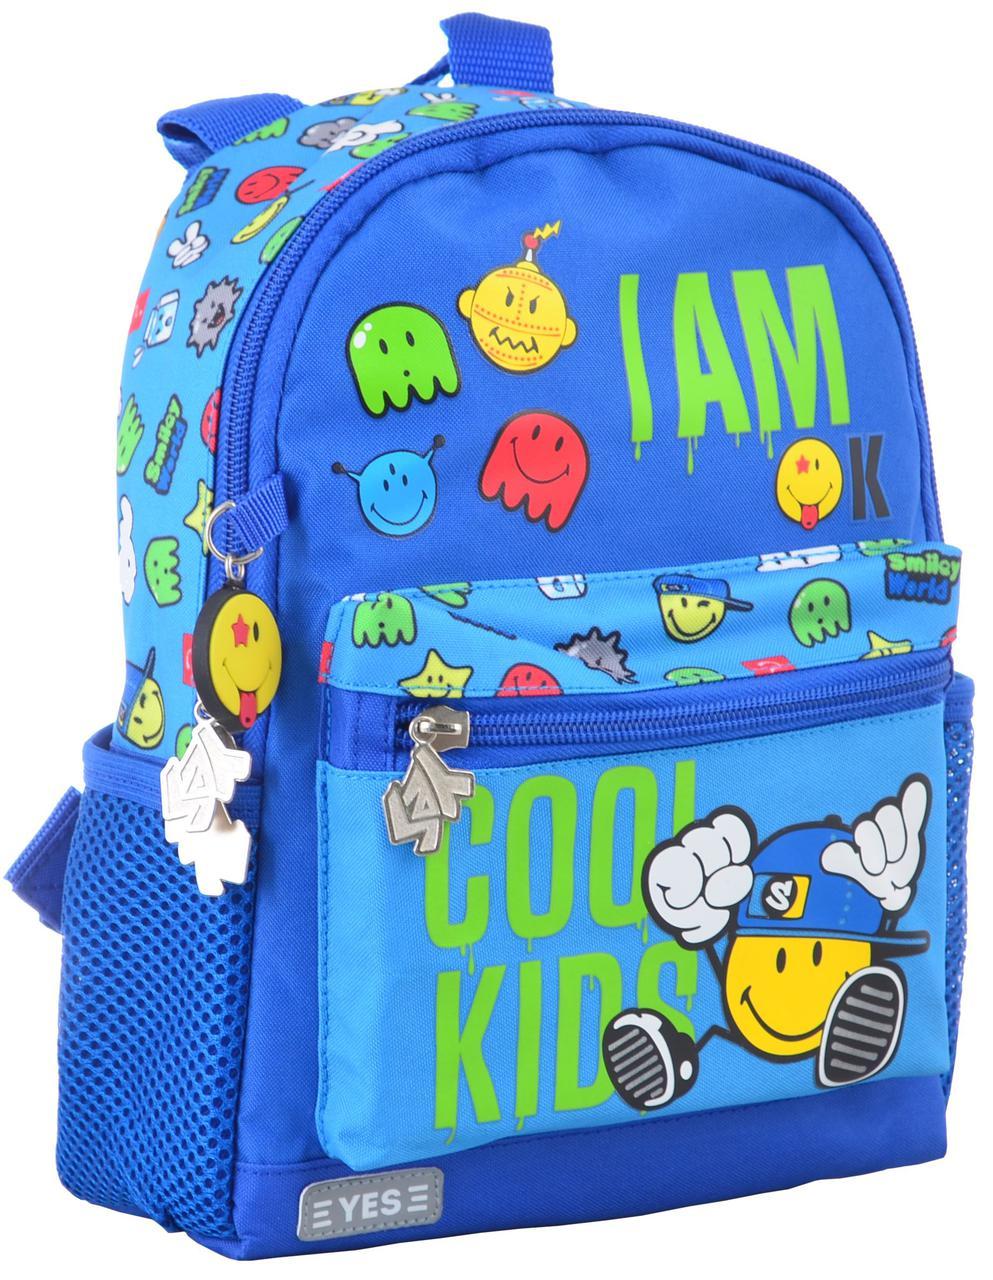 Дошкольный детский рюкзак YES K-16 Cool kids 555072 5 л Синий